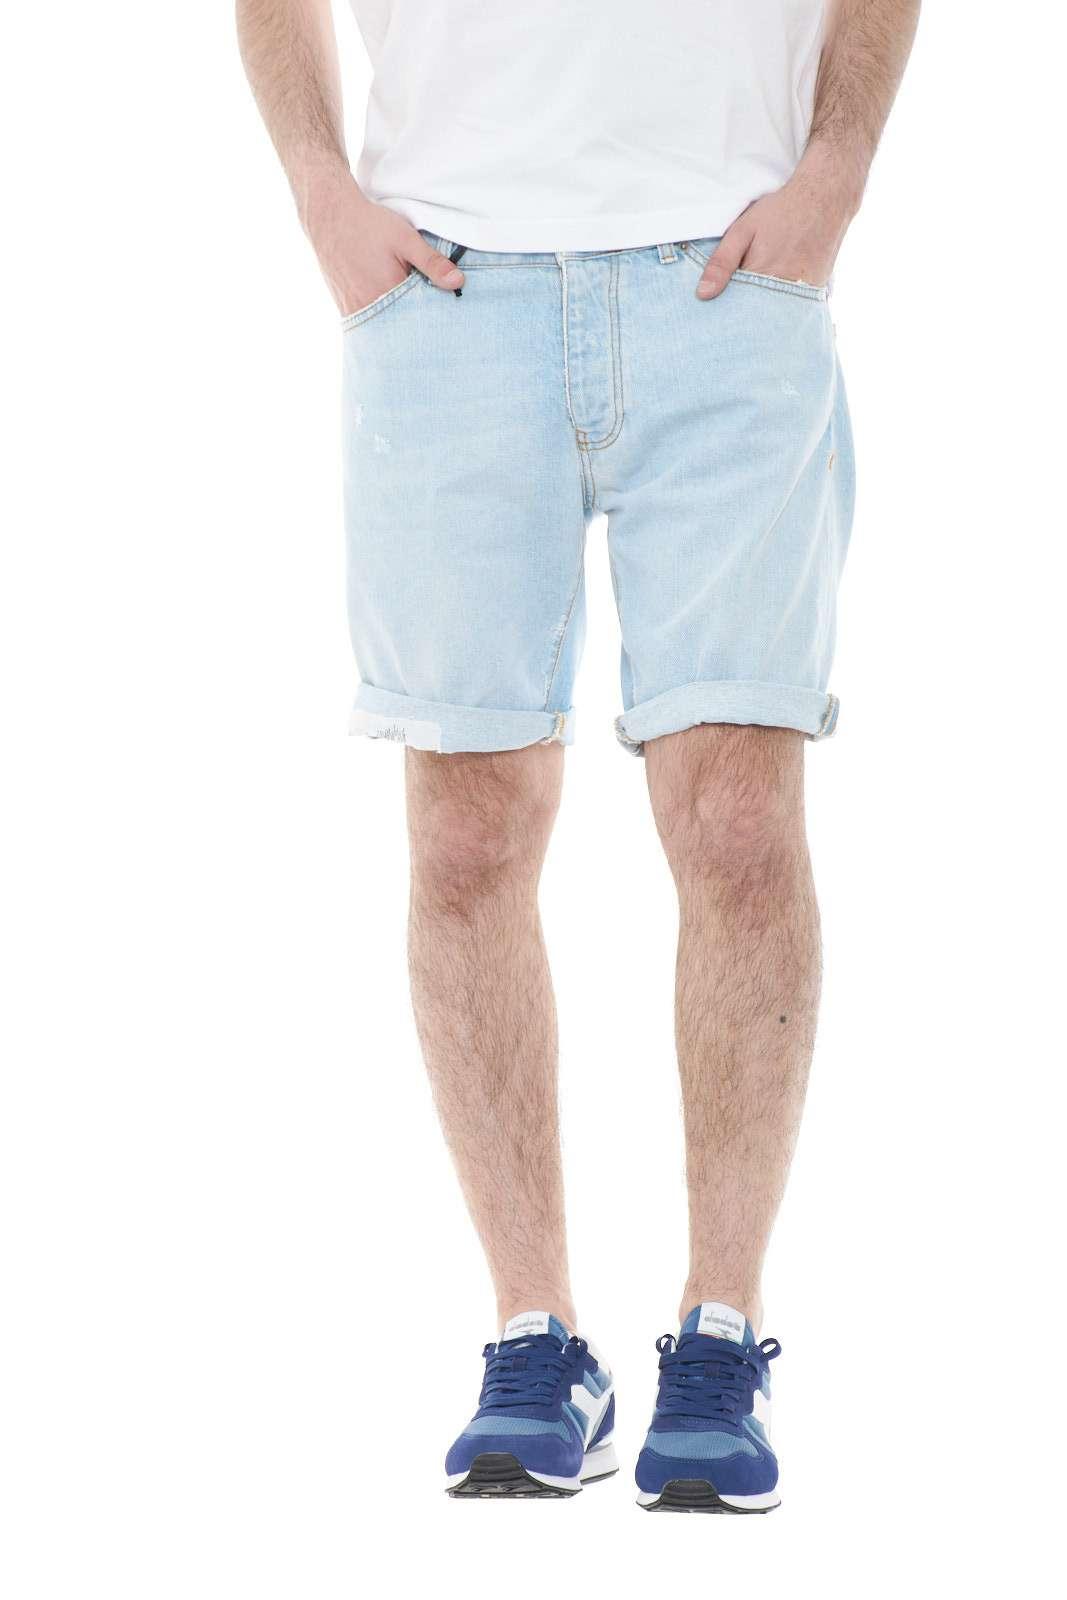 Un bermuda di jeans fashion e giovanile, il modello CHRIS1165 di MC Denimerie. Perfetto per outfit moderni e attuali, dal tocco urban e contemporaneo. Da indossare con t shirt e sneaker, per uno stile sempre all'avanguardia.